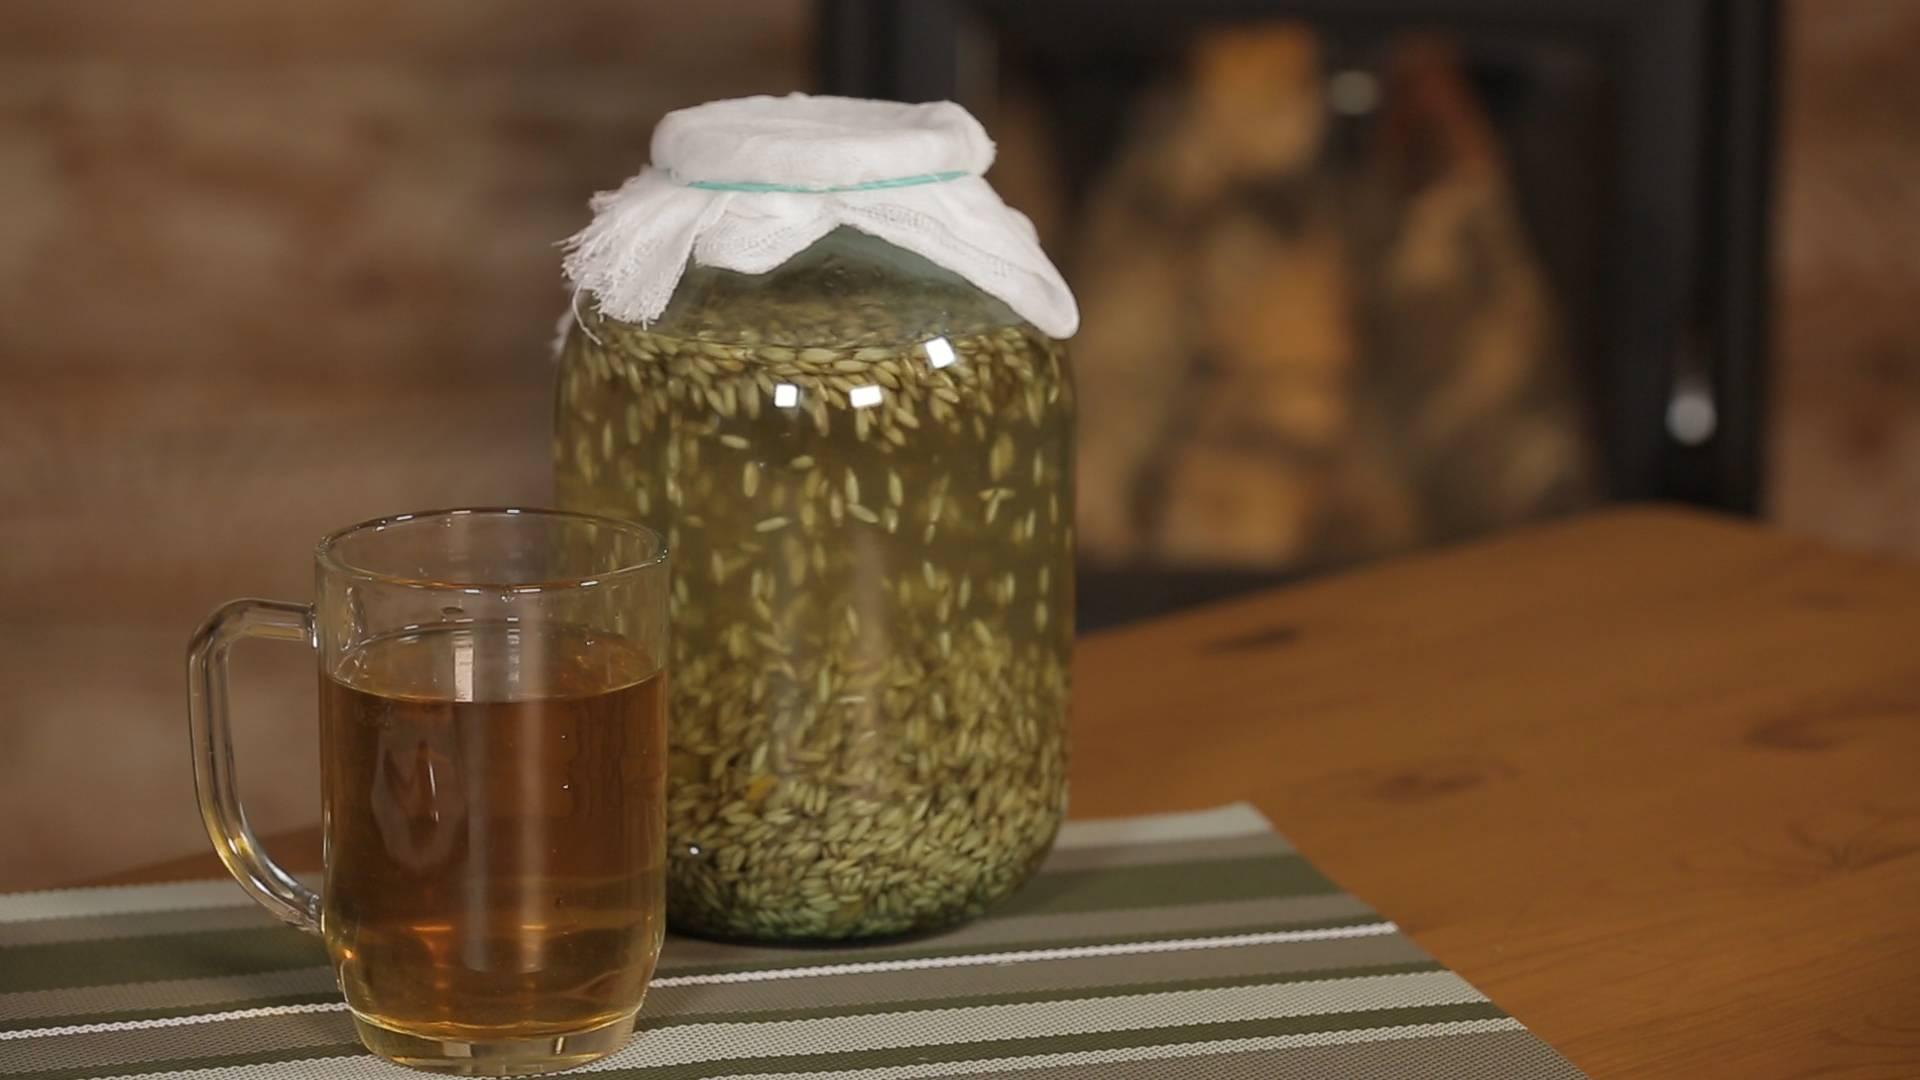 Рисовый квас: польза и вред, как пить с изюмом, отзывы